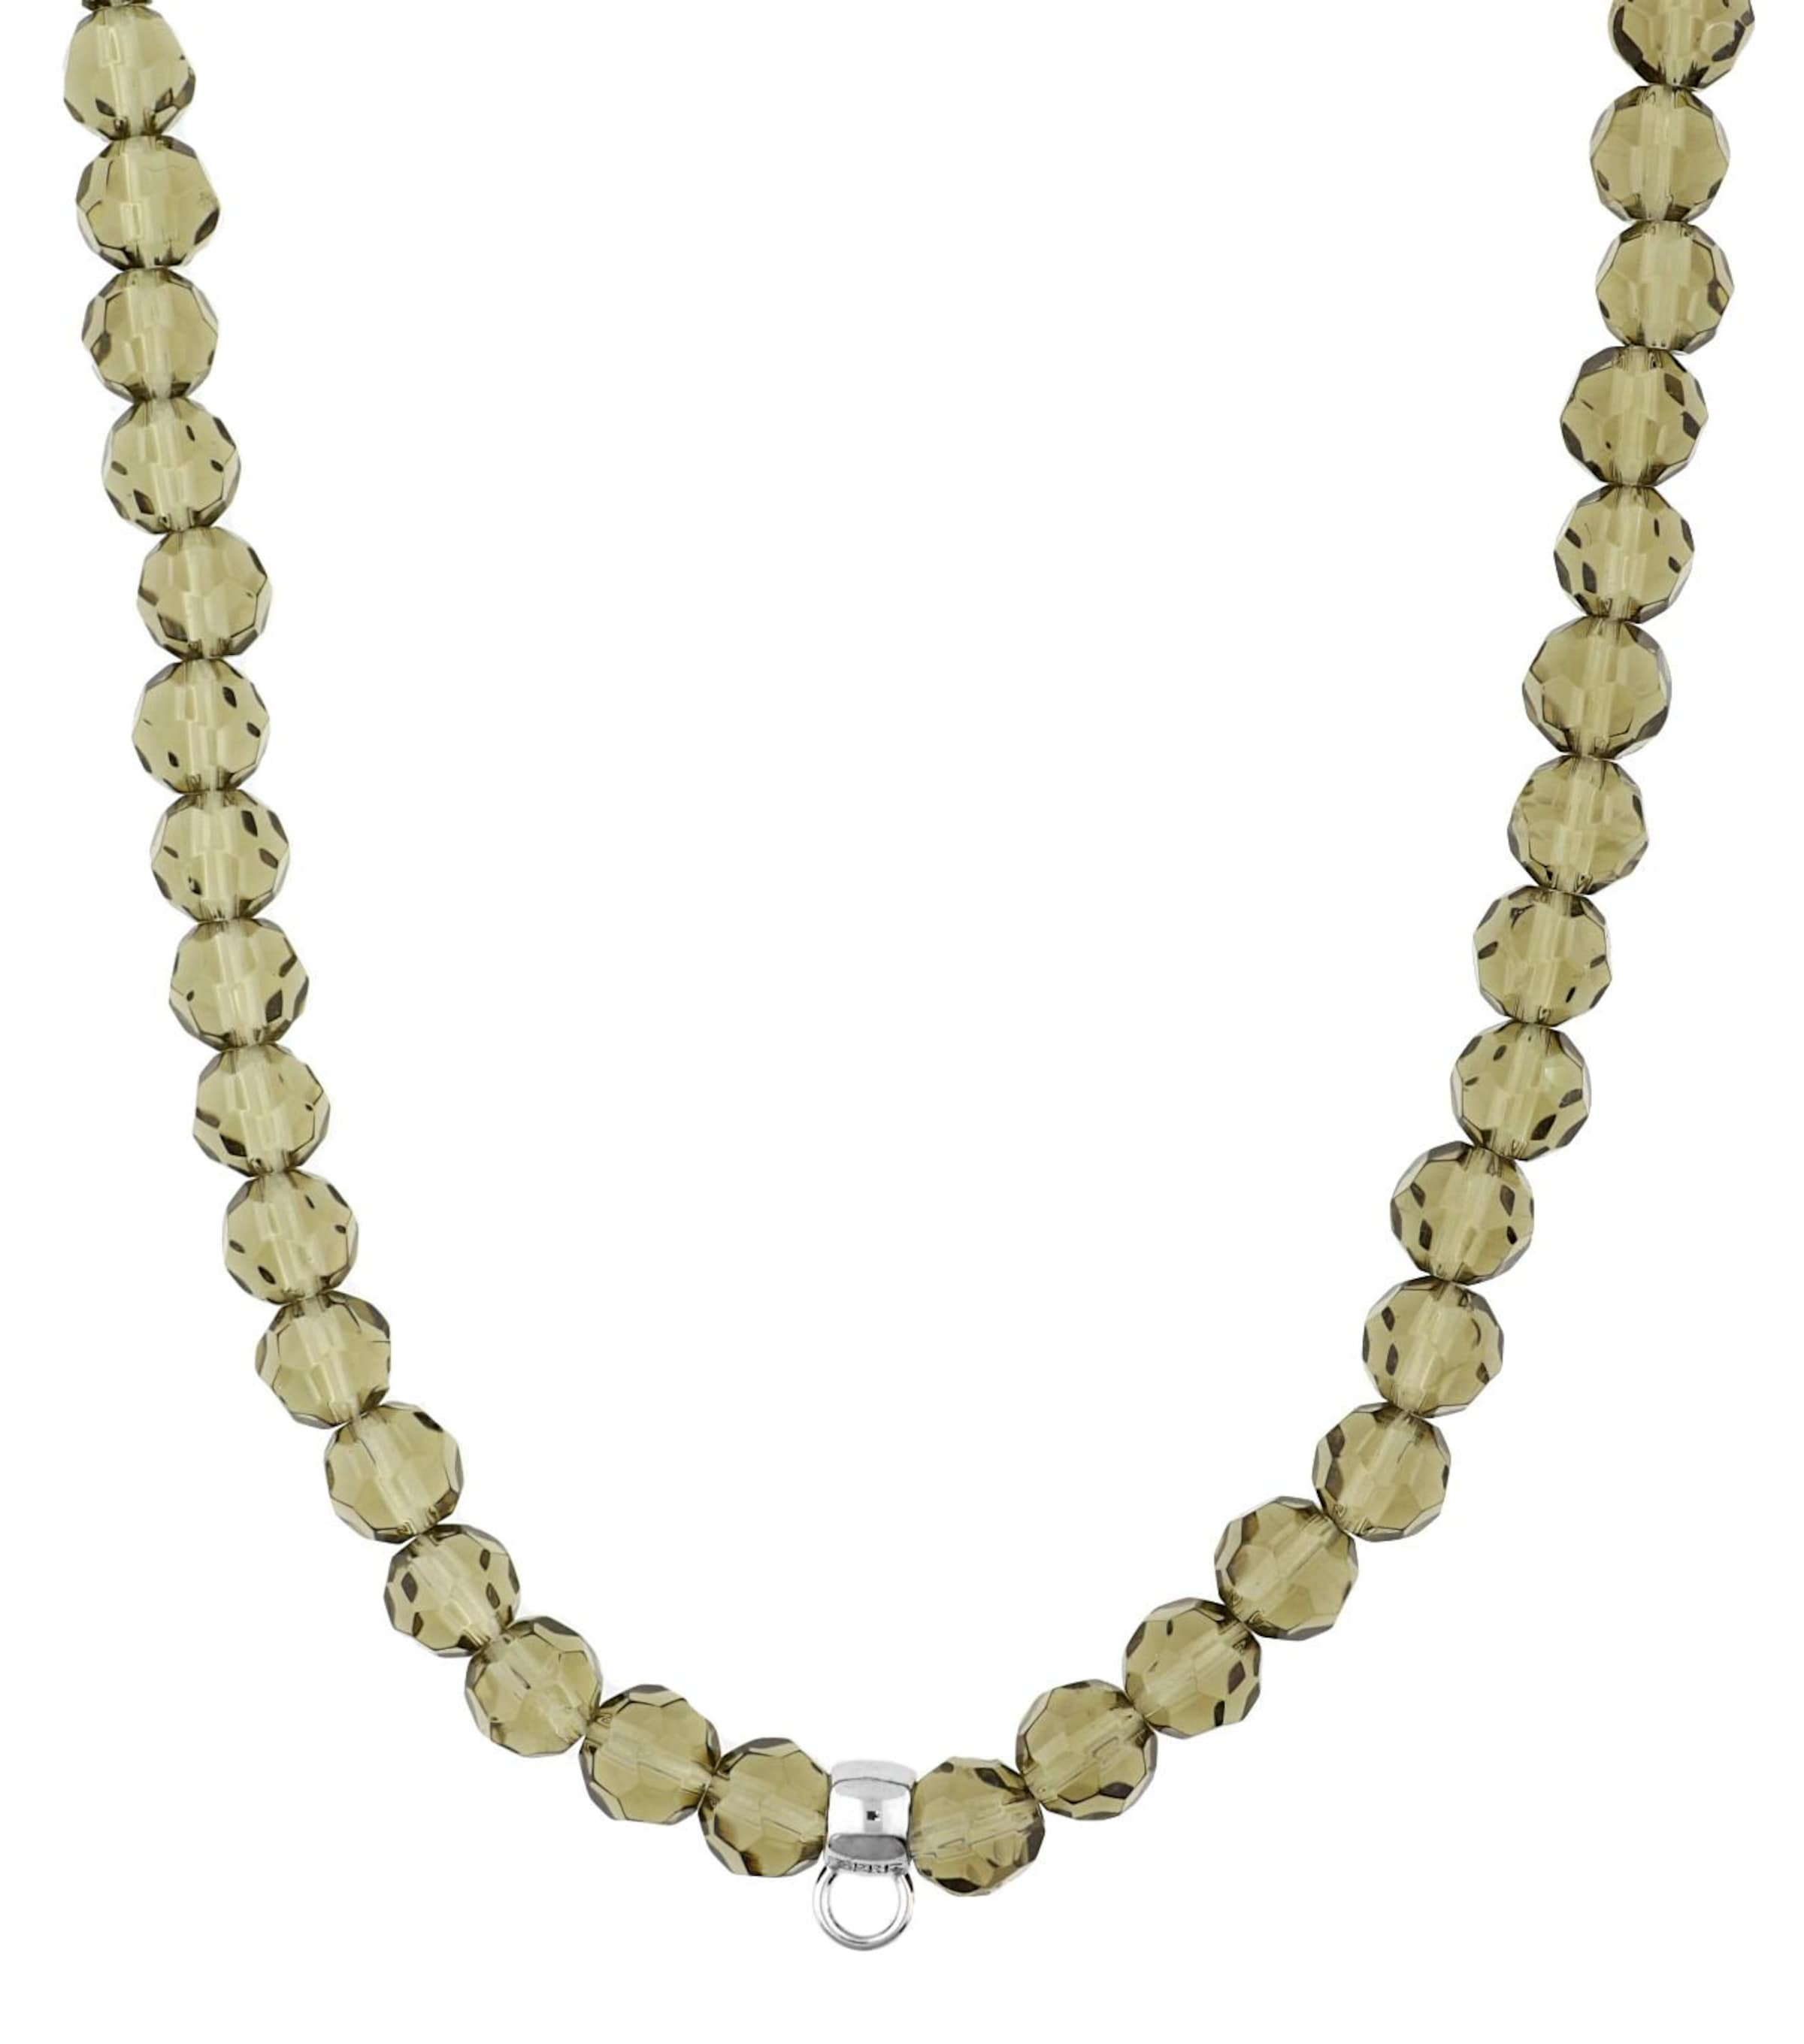 Rabatt Billig ESPRIT Halskette 'ESNL91755I800' Äußerst Werksverkauf Auf Der Suche Nach Billig Verkauf Footlocker Bilder Az82I9